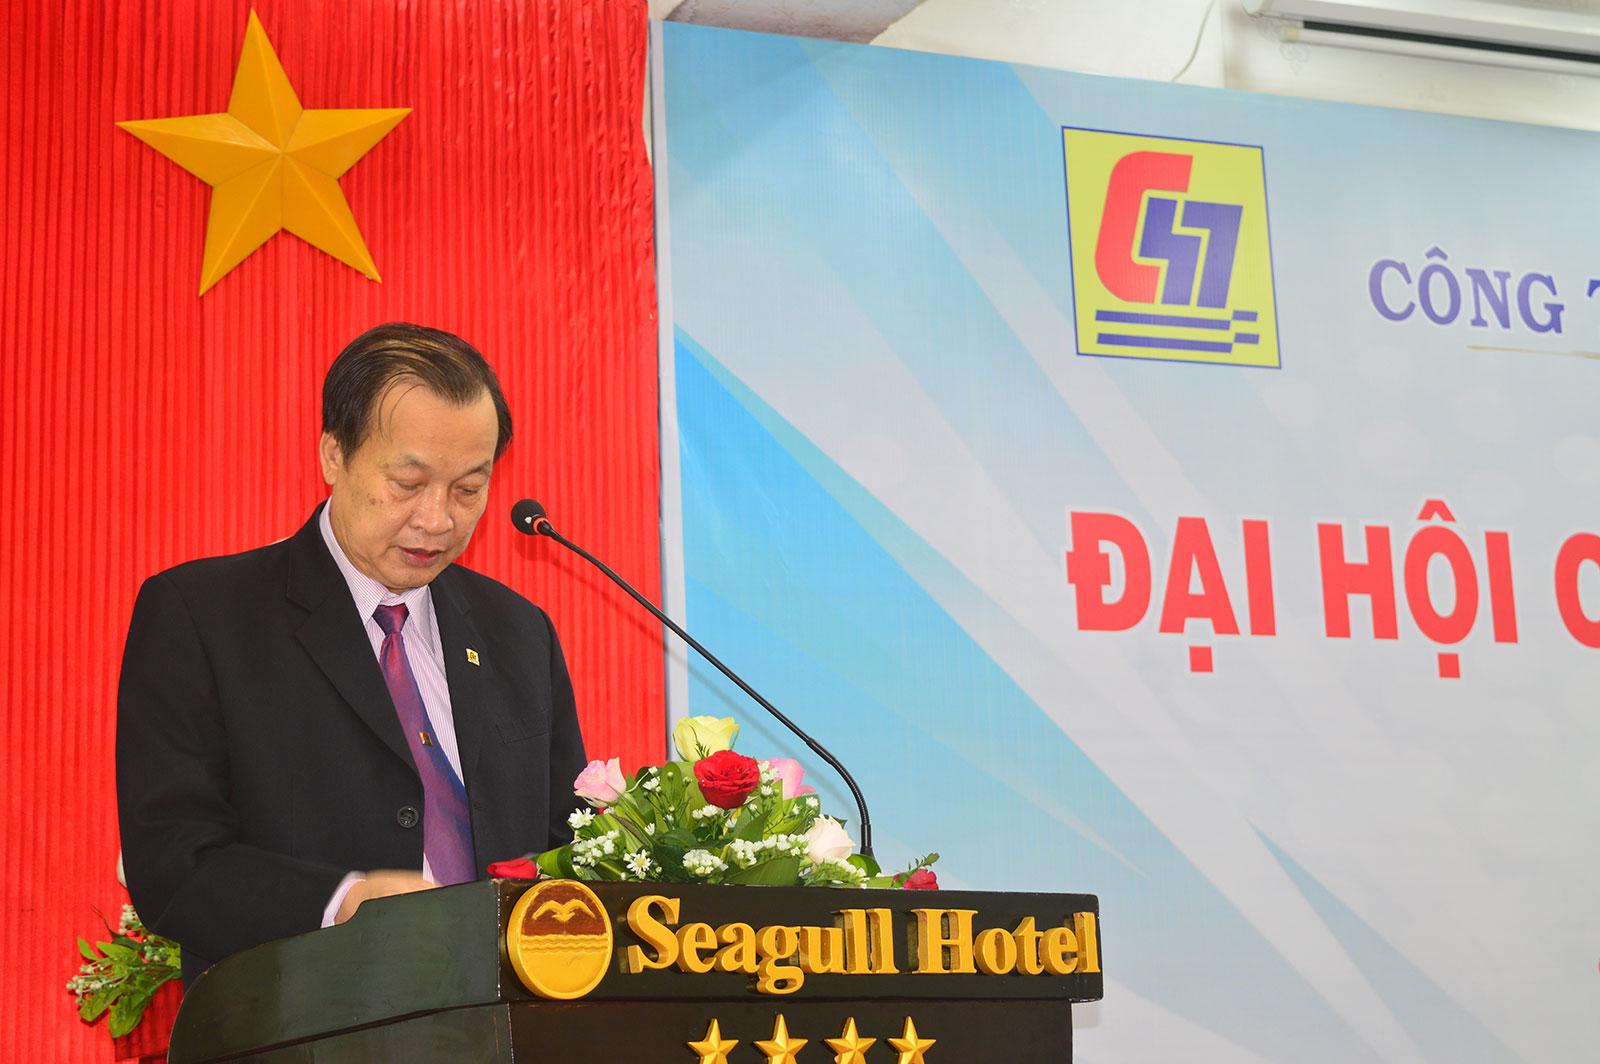 Ông Nguyễn Lương Am – Chủ tịch HĐQT công ty báo cáo tại đại hội.